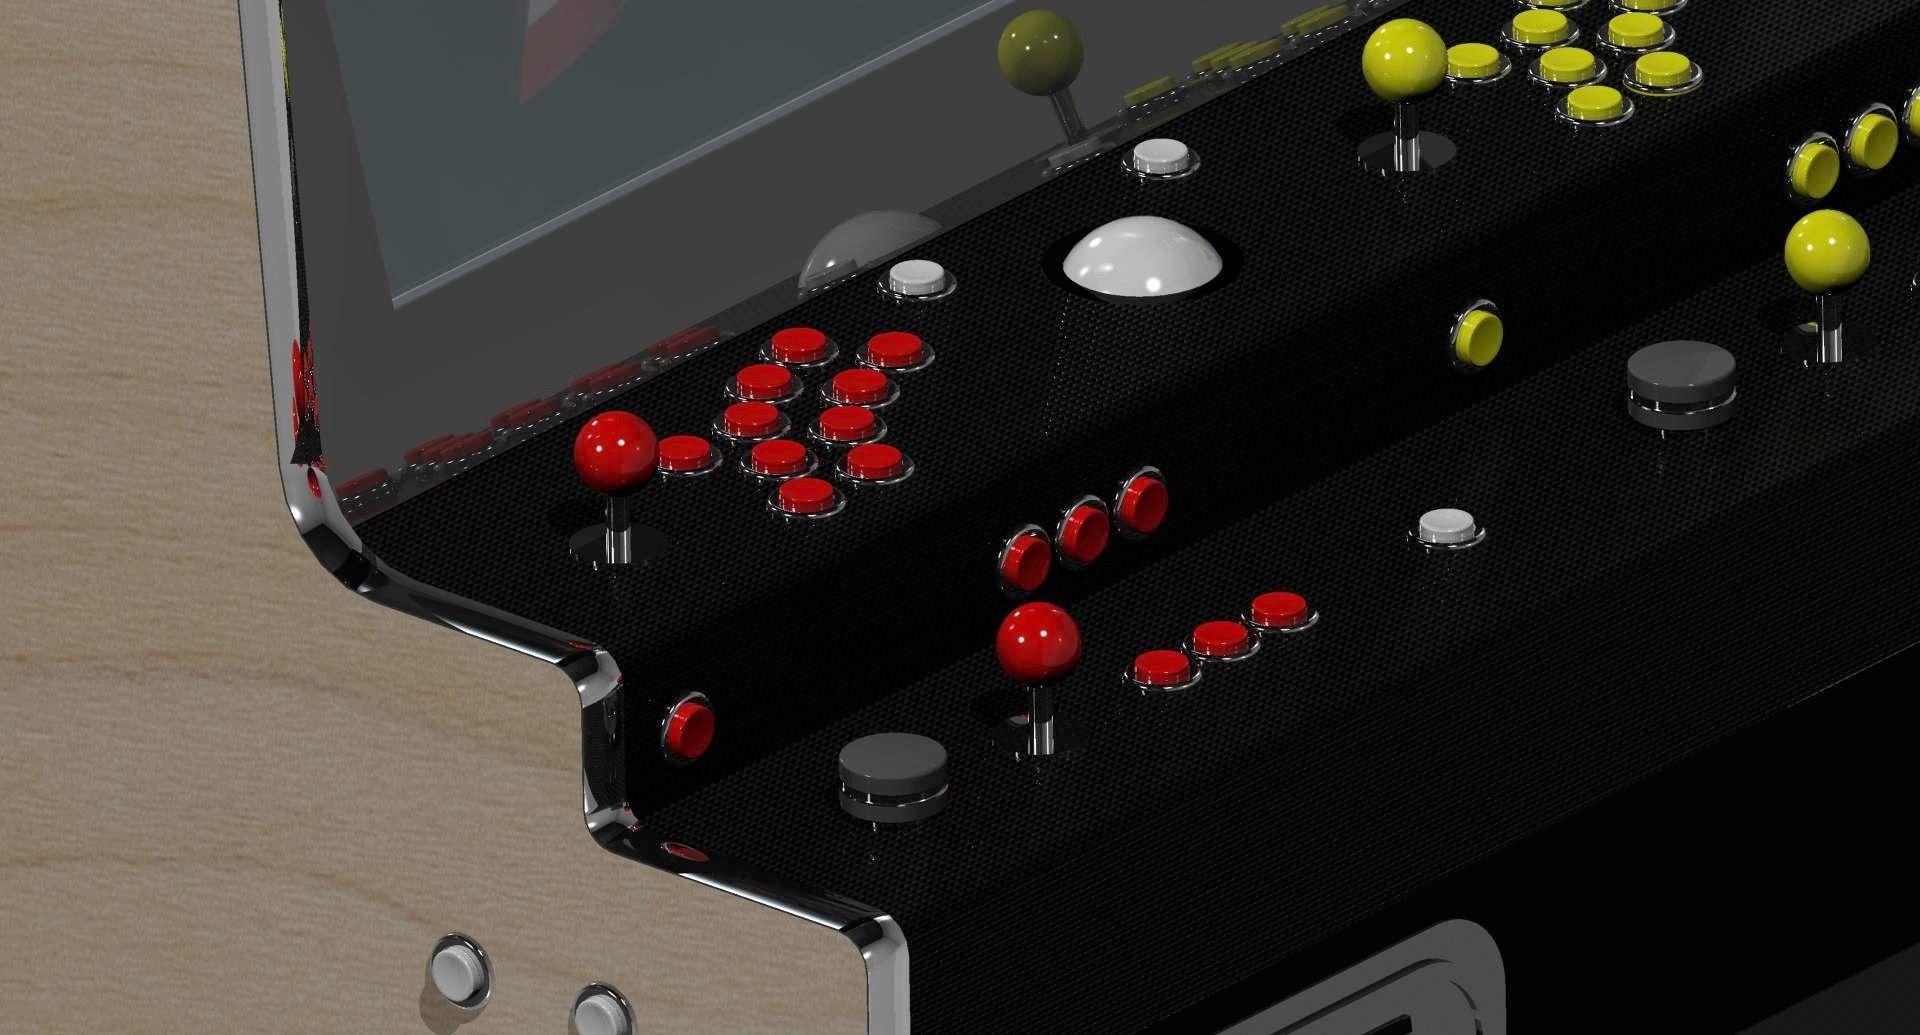 Игровые автоматы в офисе казино и рояль смотреть онлайн